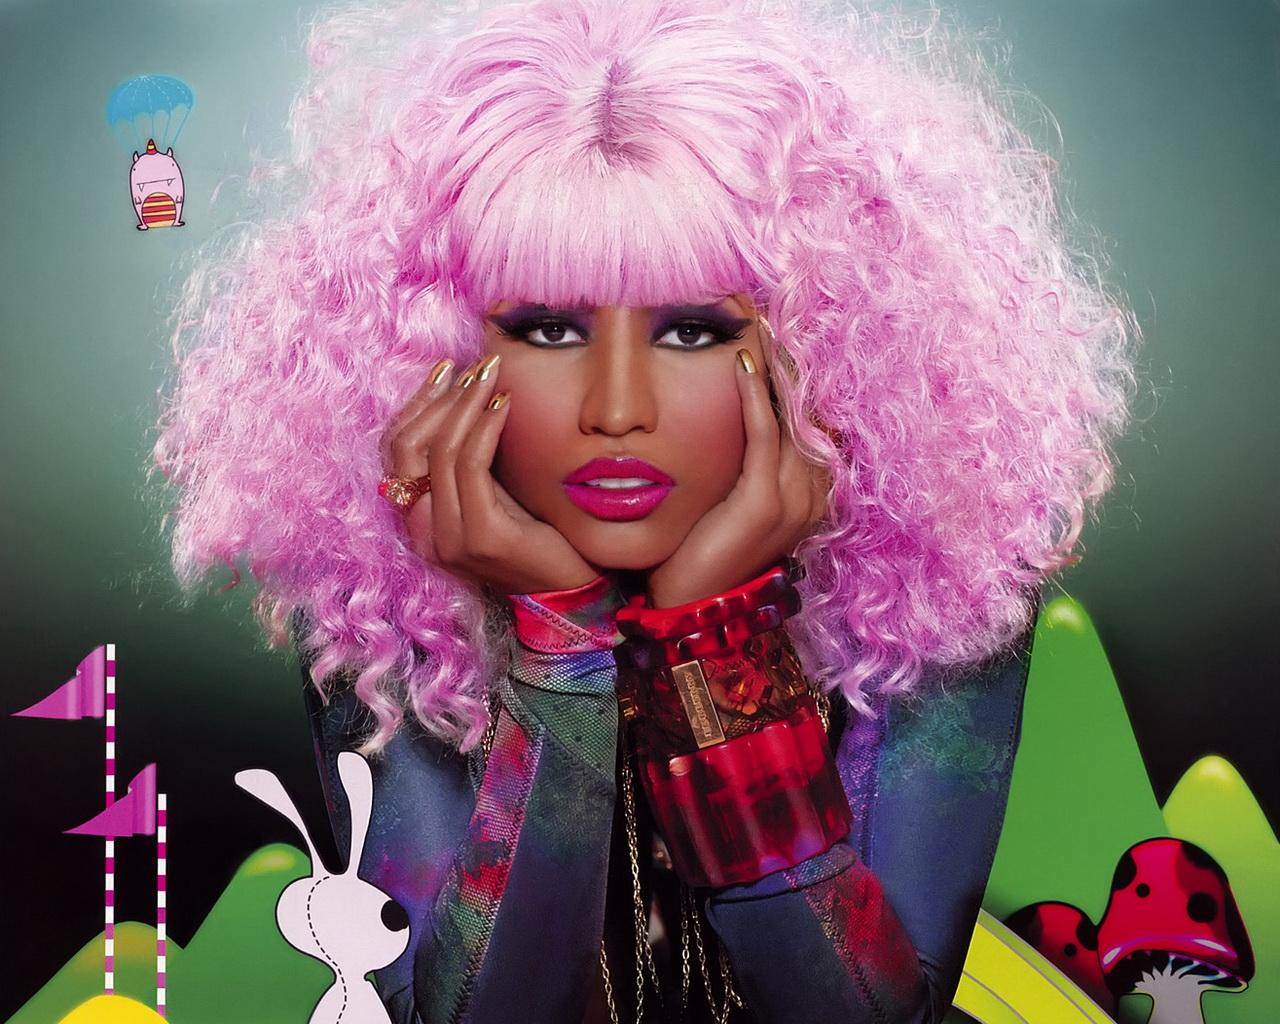 http://1.bp.blogspot.com/-T8JGI-WfpQs/T7M8z22bmVI/AAAAAAAABfg/SdMdSRJWprE/s1600/Nicki-Minaj-wallpaper-1.jpg